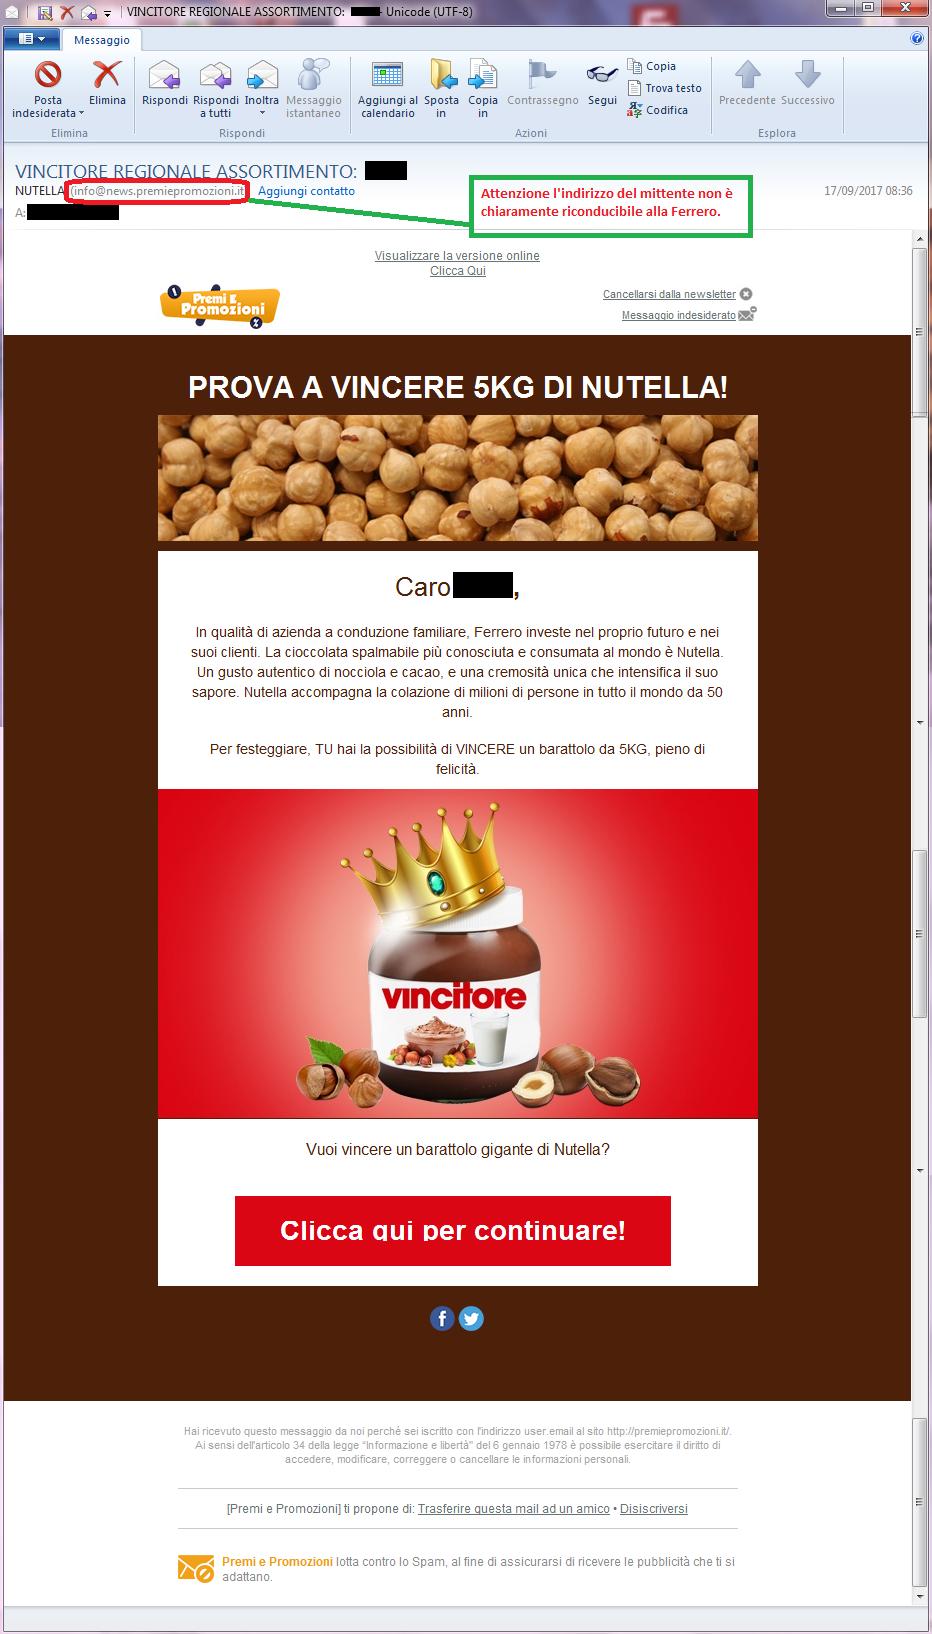 Clicca per ingrandire l'immagine della falsa e-mail di FERRERO che offre la possibilità di vincere un barattolo di Nutella ma che in realtà è una TRUFFA!